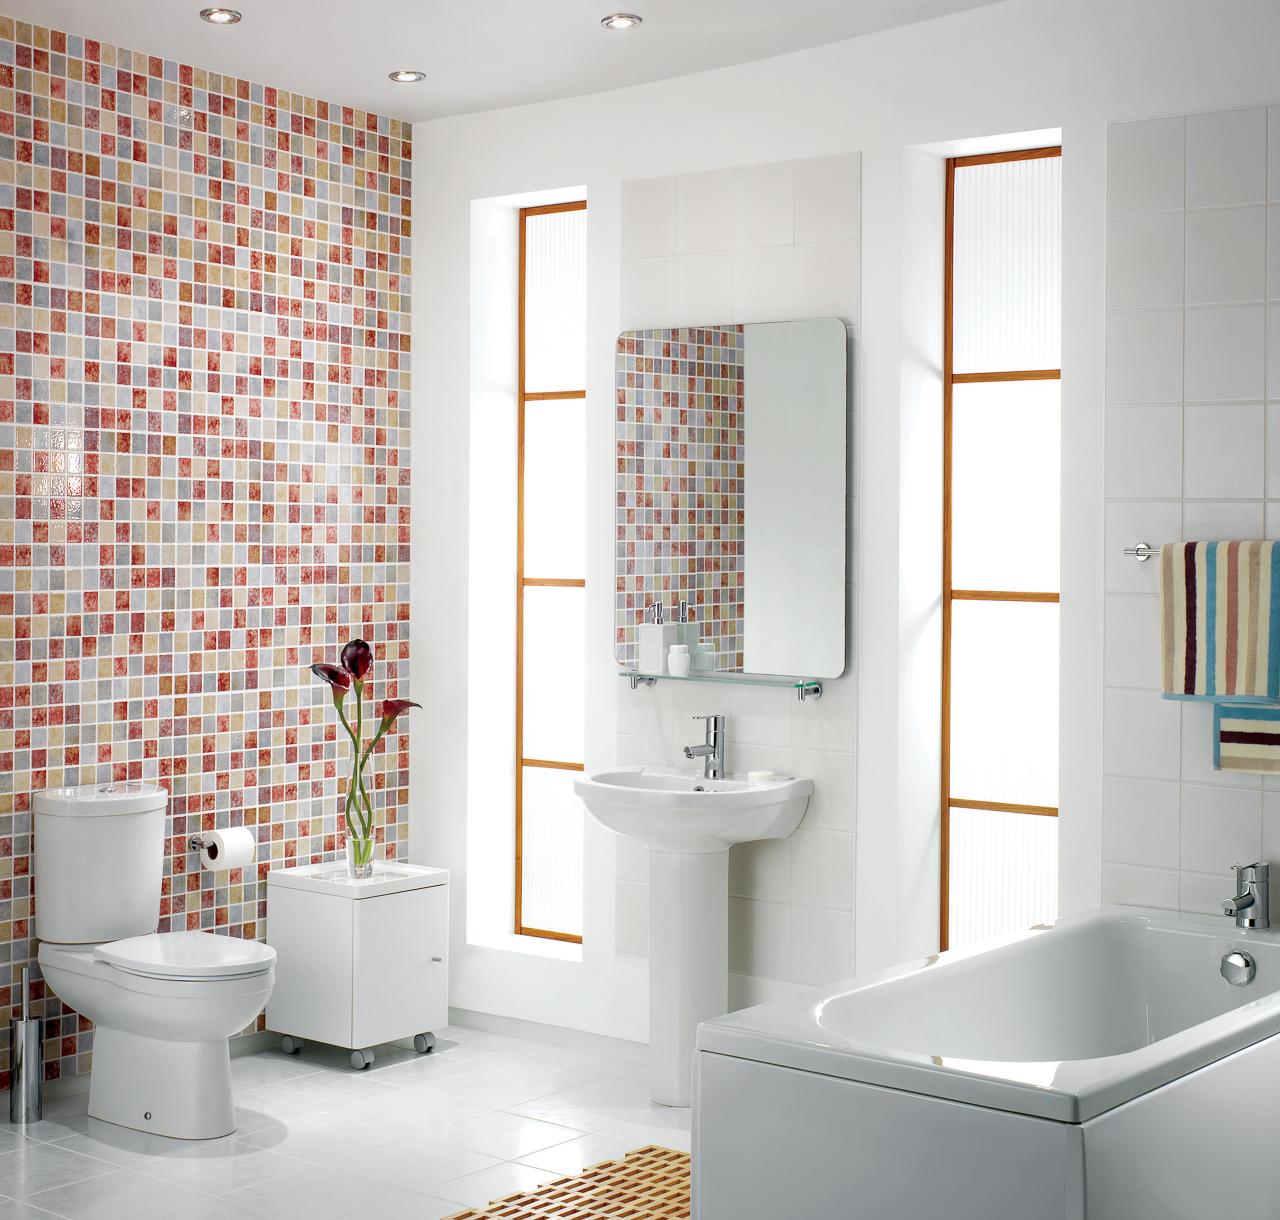 Silverdale Bathrooms: Thames Main